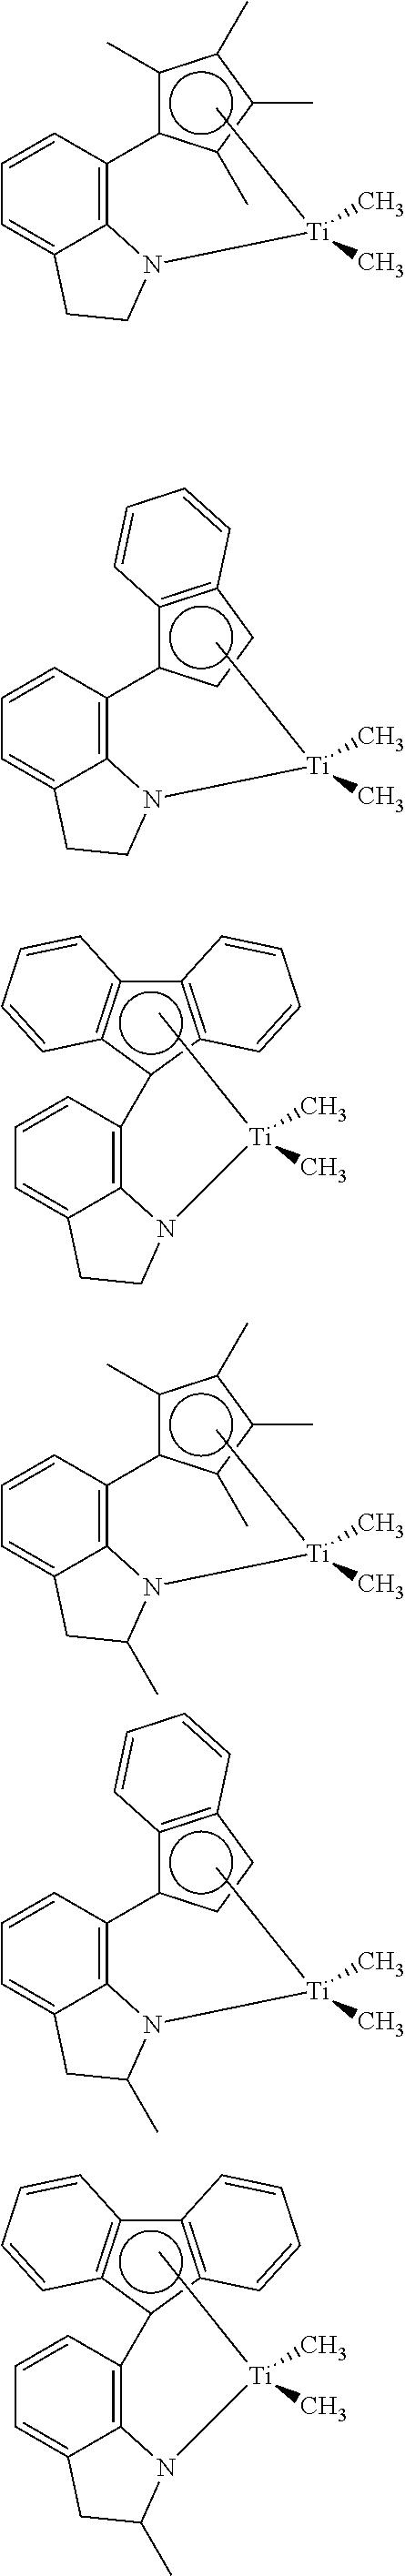 Figure US09120836-20150901-C00024